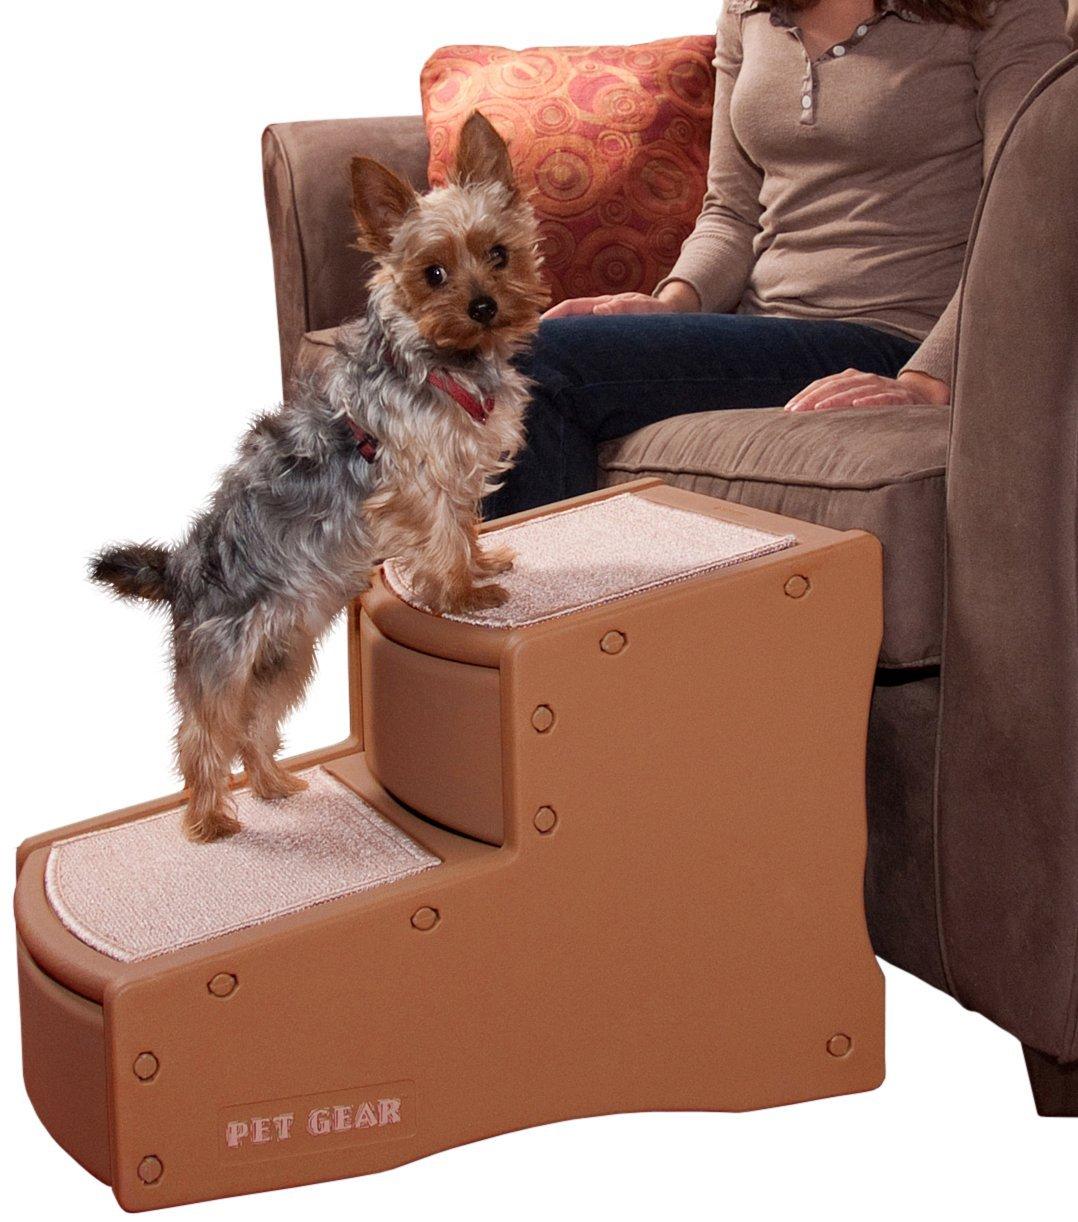 Pet Gear Easy Step II Steighilfe/Treppe für Hunde, klein, Kakao/Beige